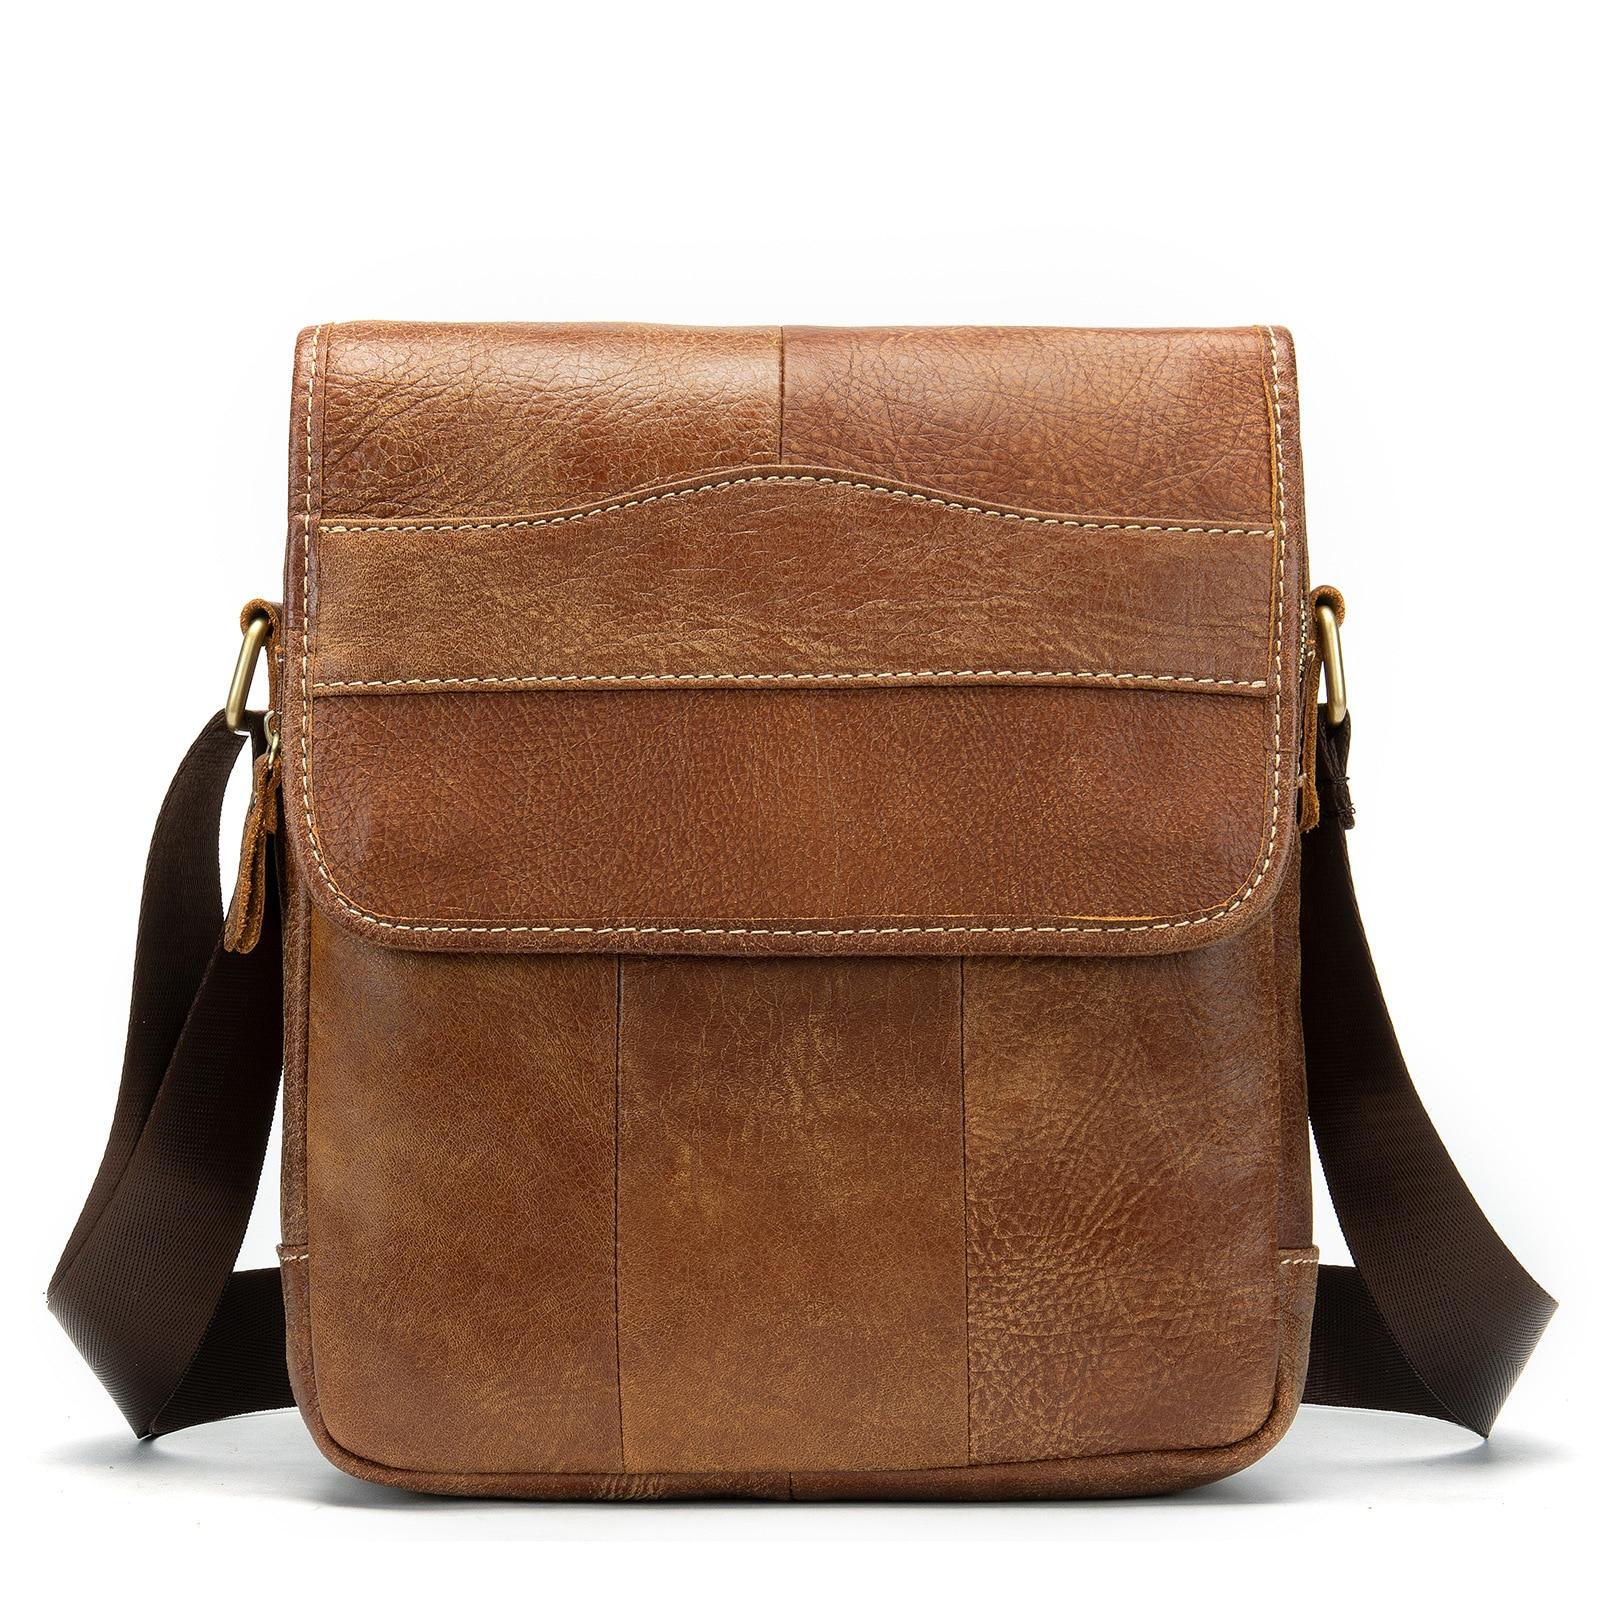 Мужские сумки на плечо, мессенджеры, Брендовые мужские ретро сумки из воловьей кожи первого слоя, городские рюкзаки на ремне